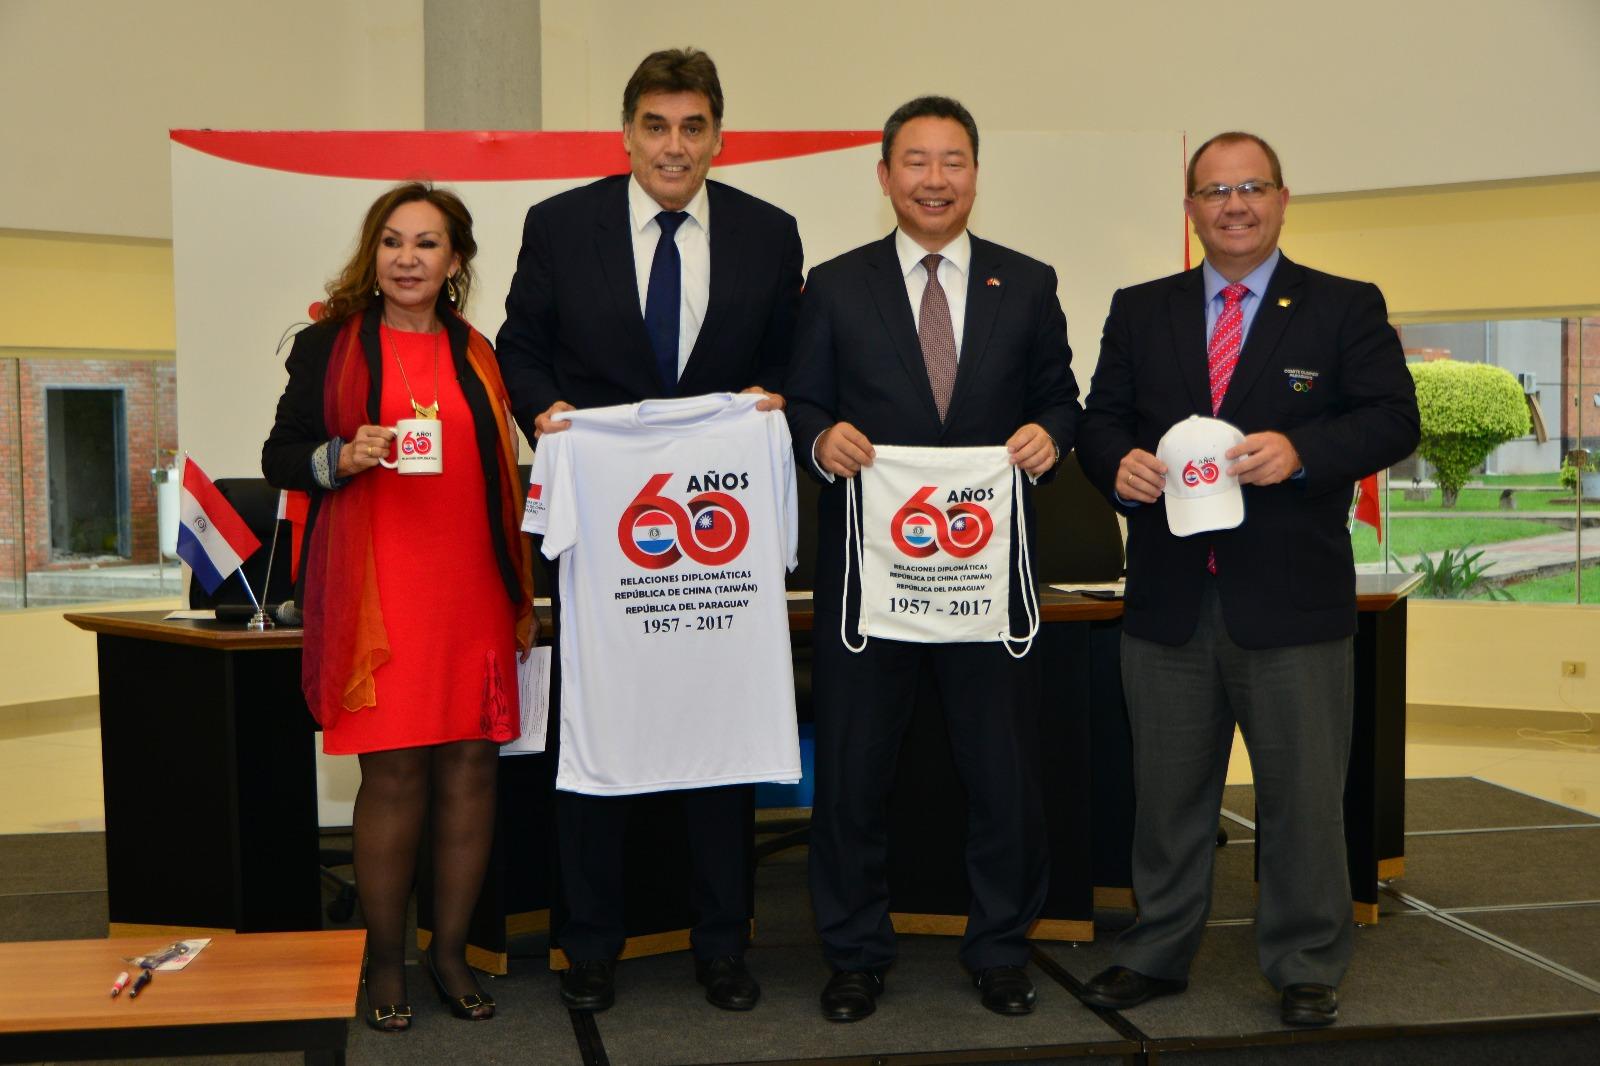 fb36fc4ae Corrida por 60 años de relaciones entre Paraguay y Taiwán ...